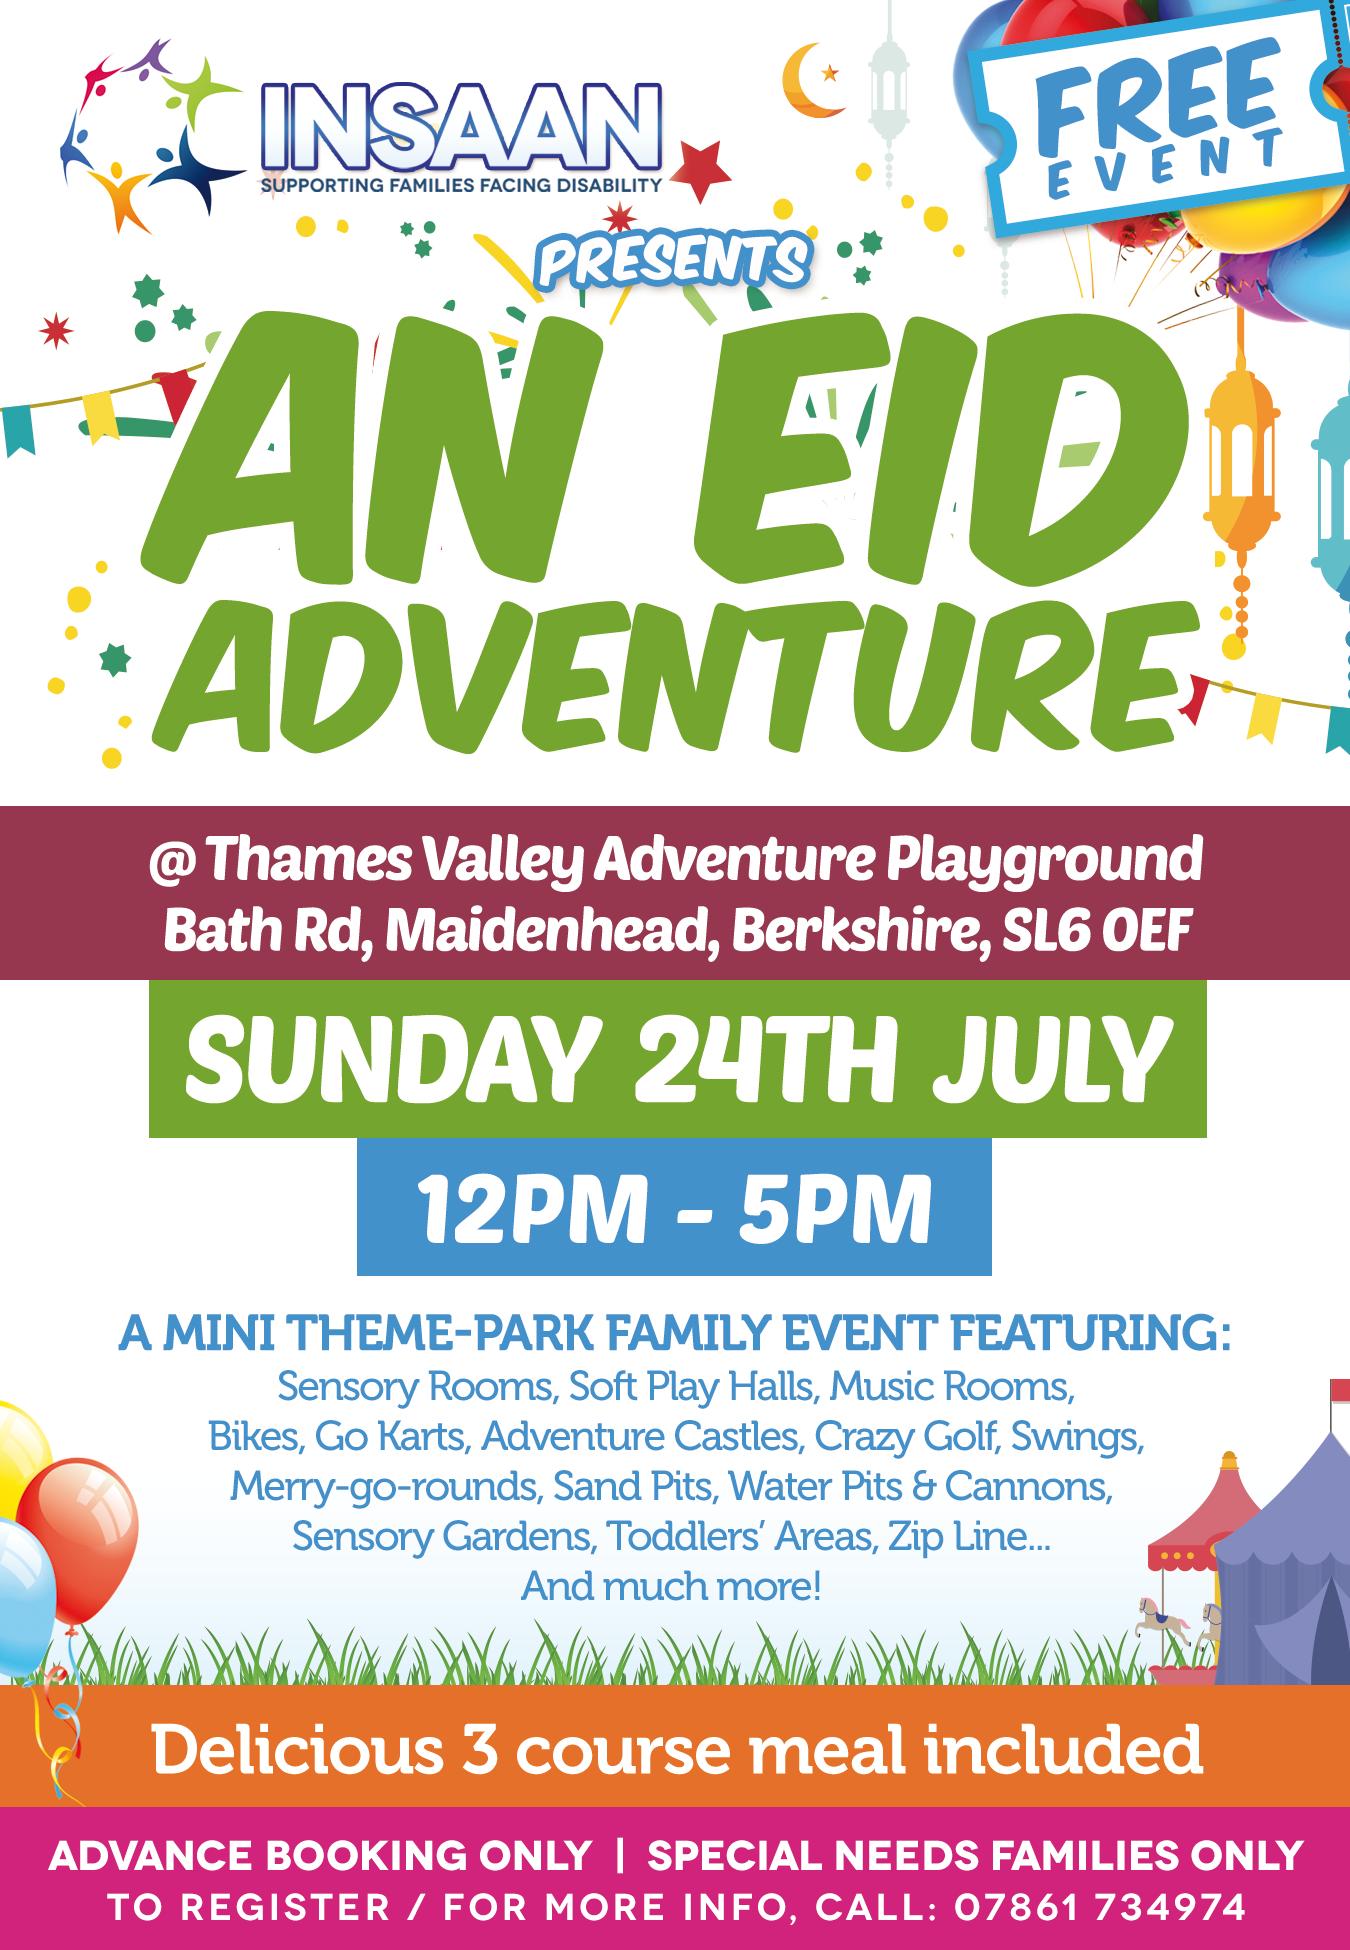 INSAAN | Eid Adventure 2016